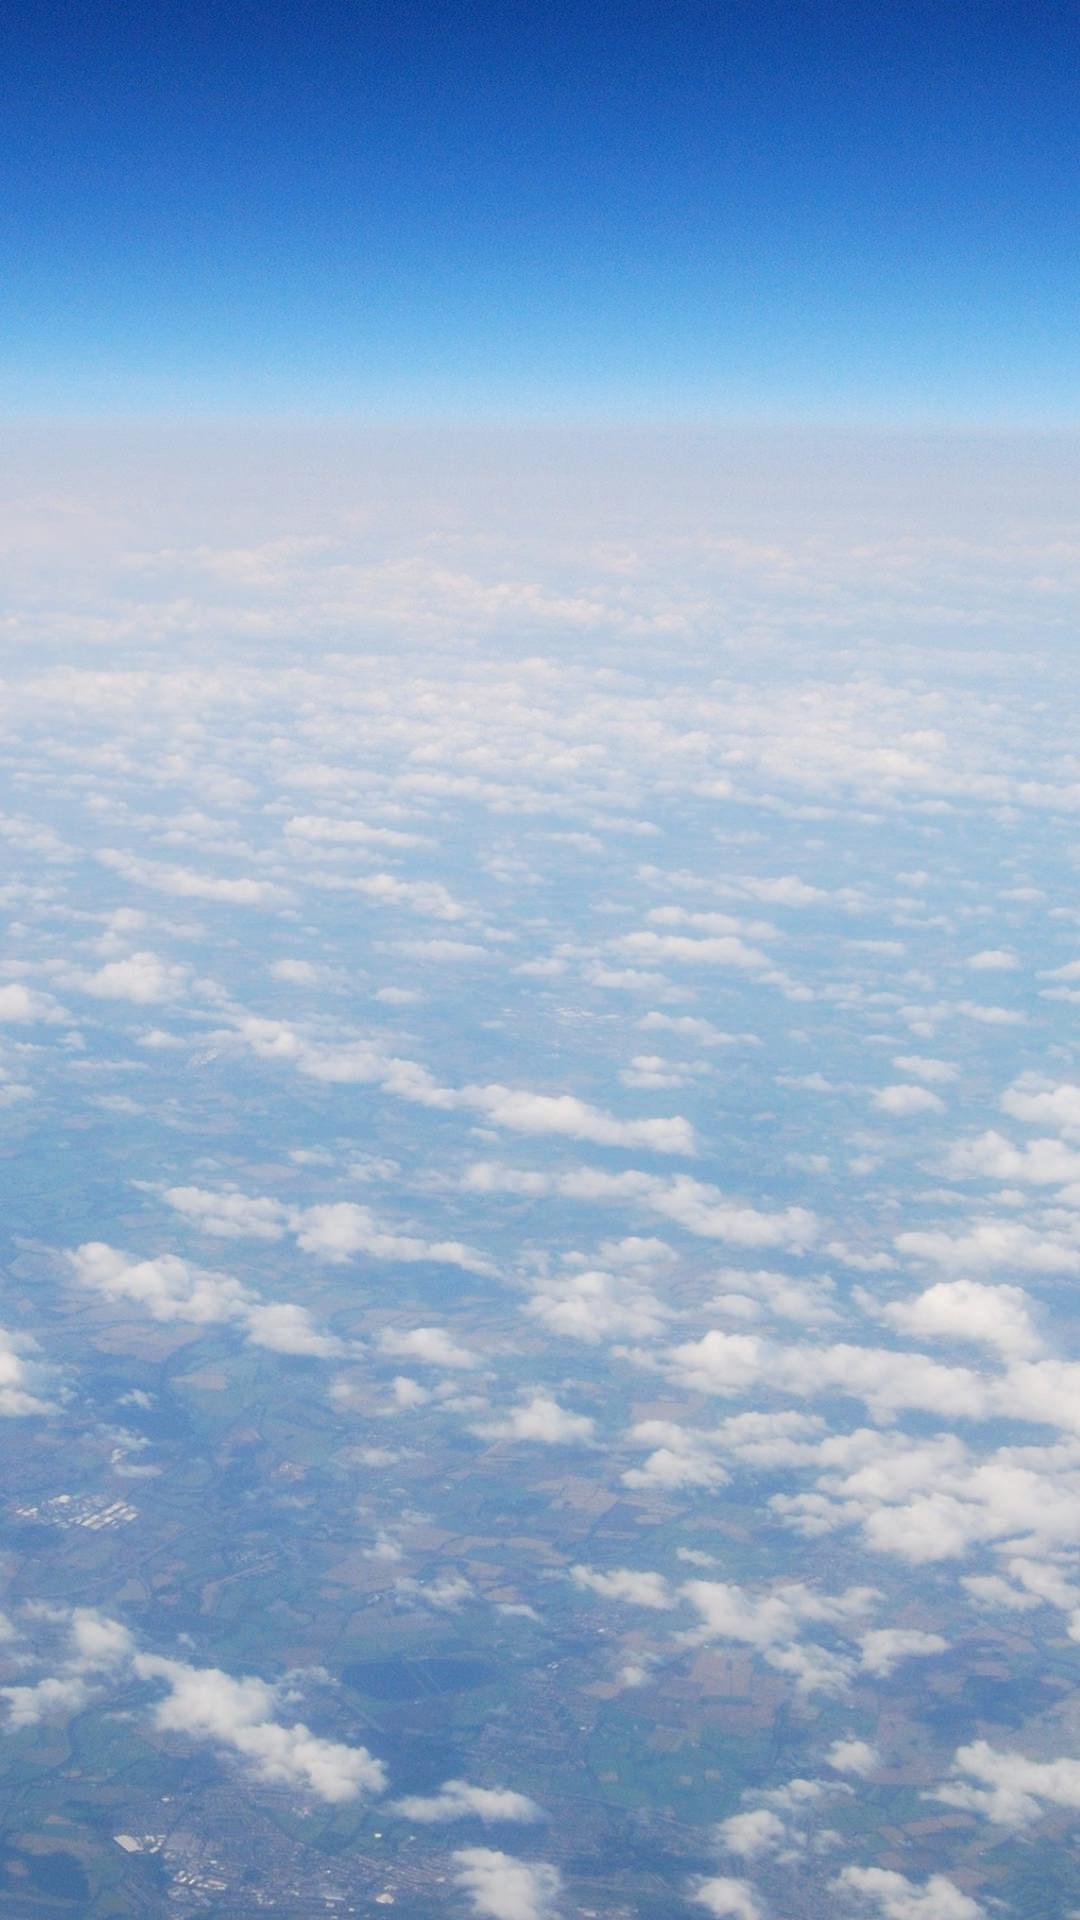 大気圏 iPhone6 Plus 壁紙